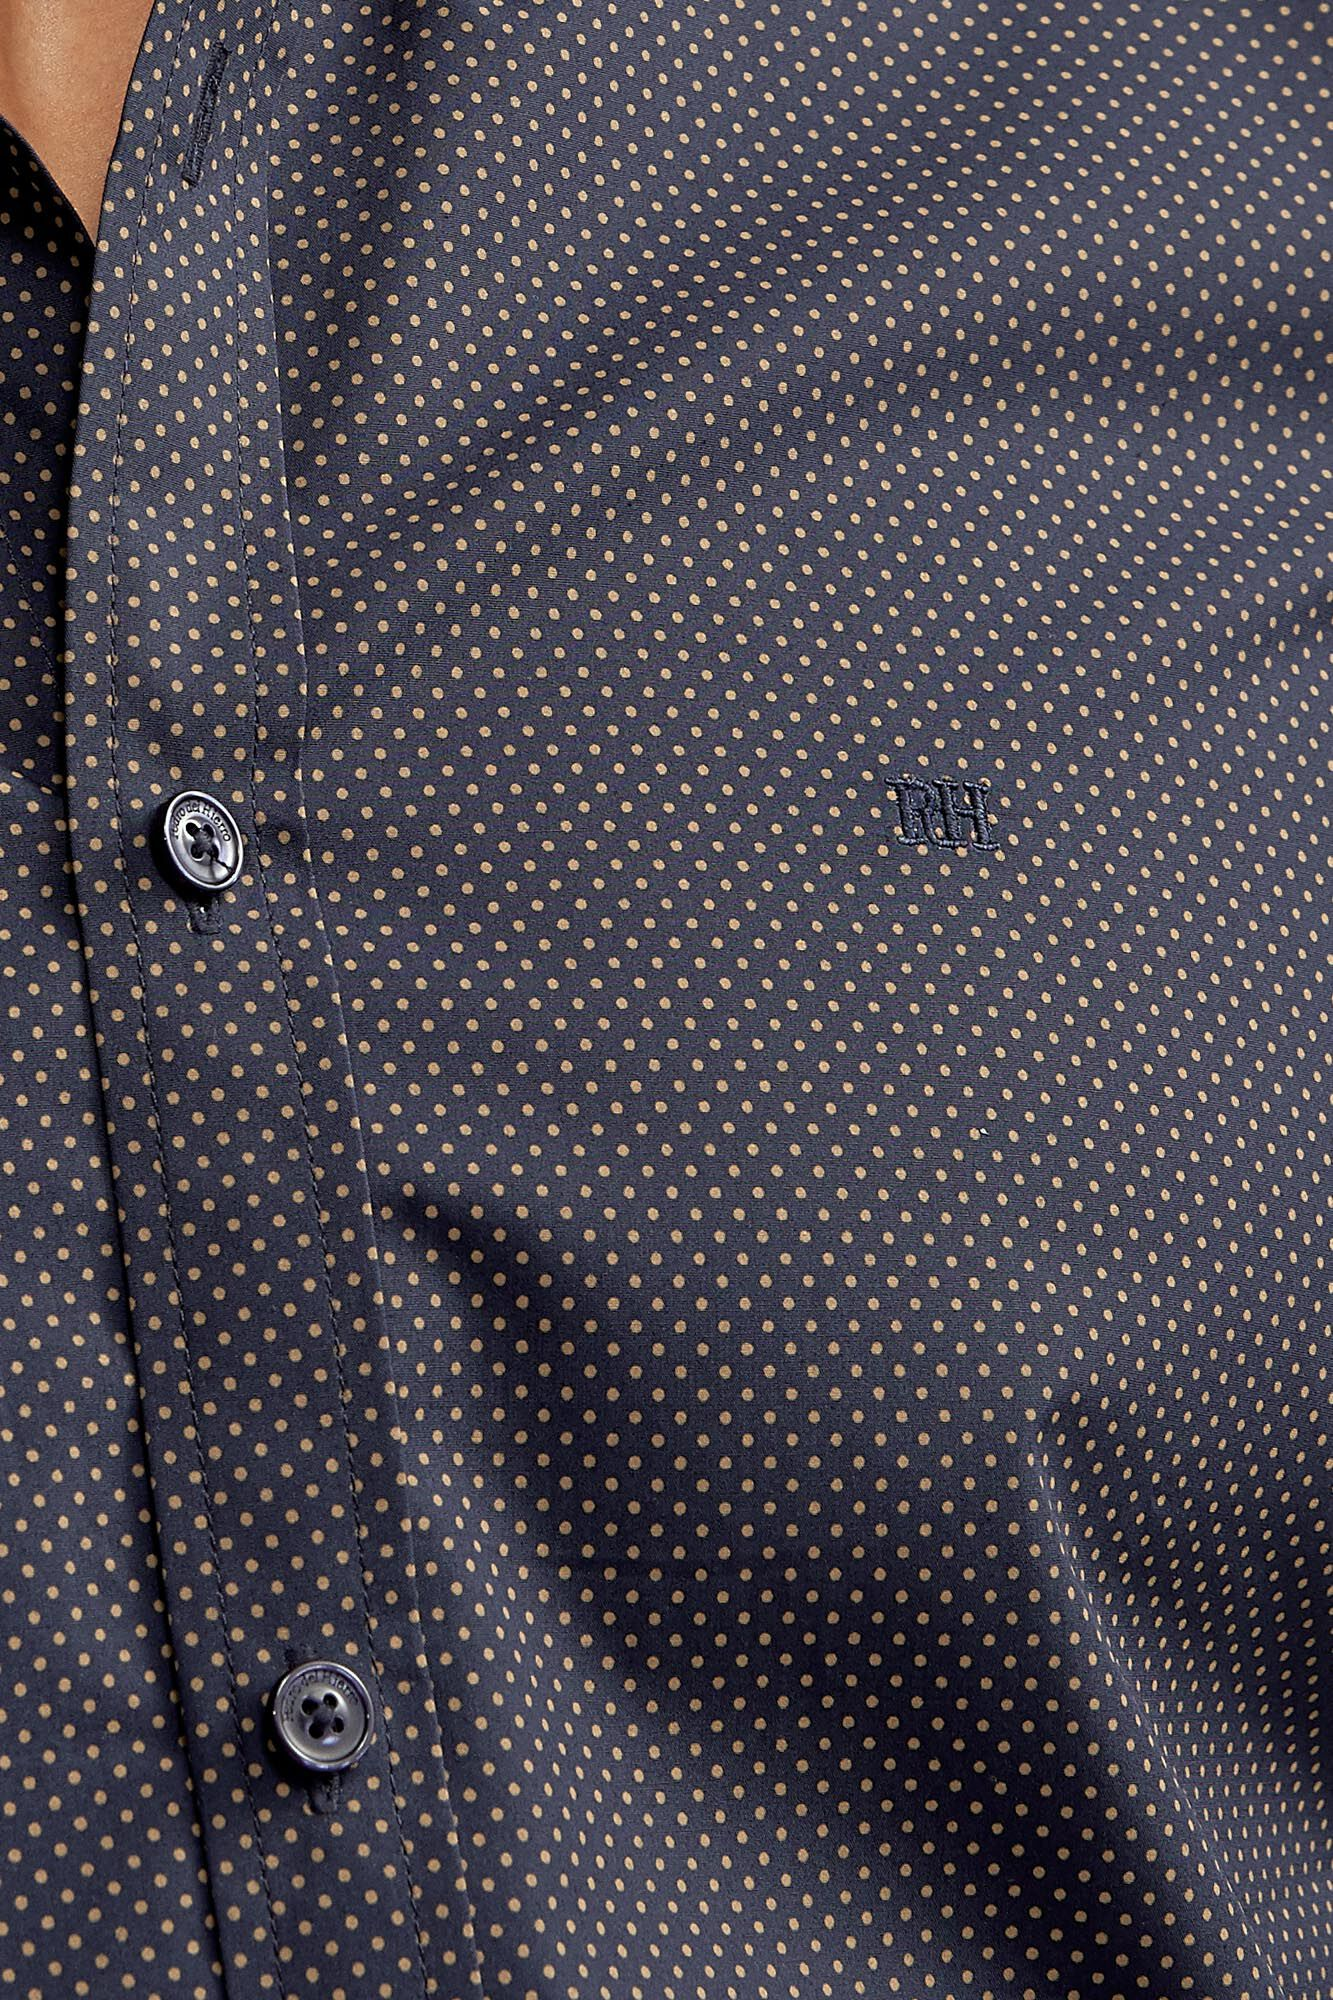 Camisa estampada | Camisas | Fifty